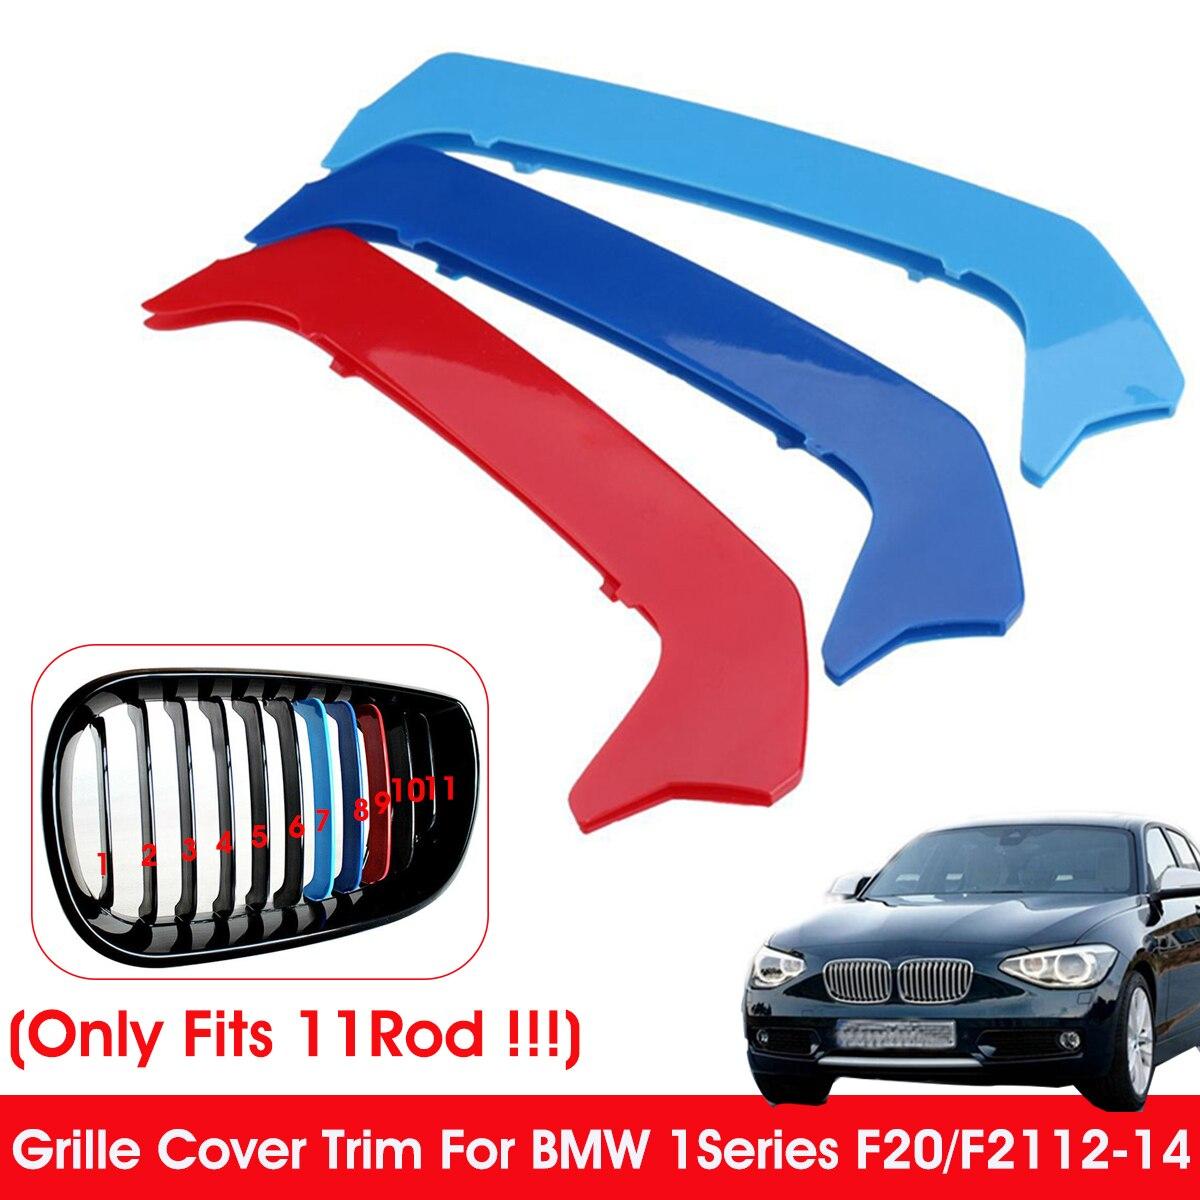 11 grilles M-Couleur Avant Calandre Car 3D Styling Avant Grille Insert Garniture Motorsport Bandes grill Couverture Autocollants Pour 116i 118i 120i